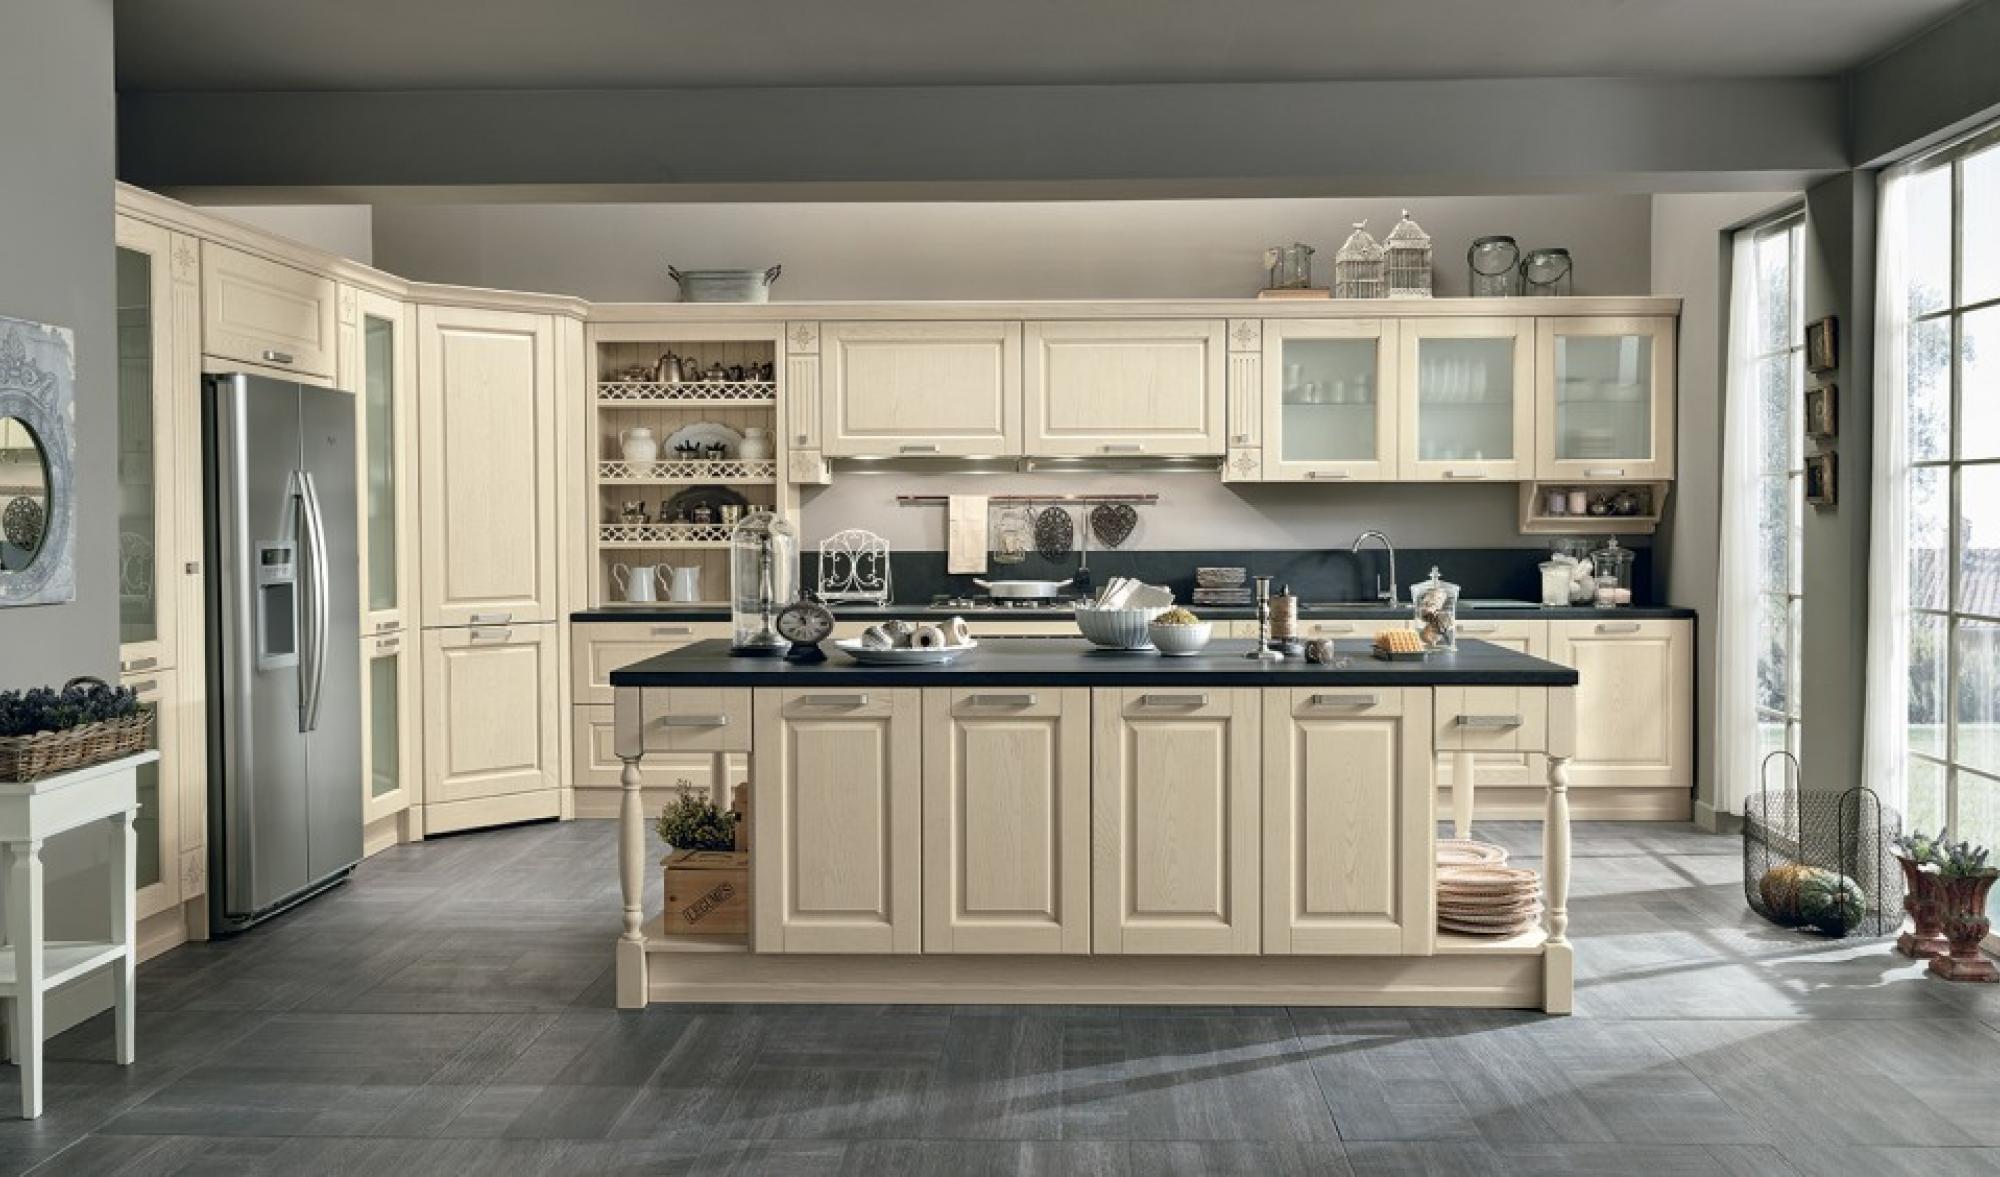 Cucine Febal Outlet - Idee per la progettazione di ...